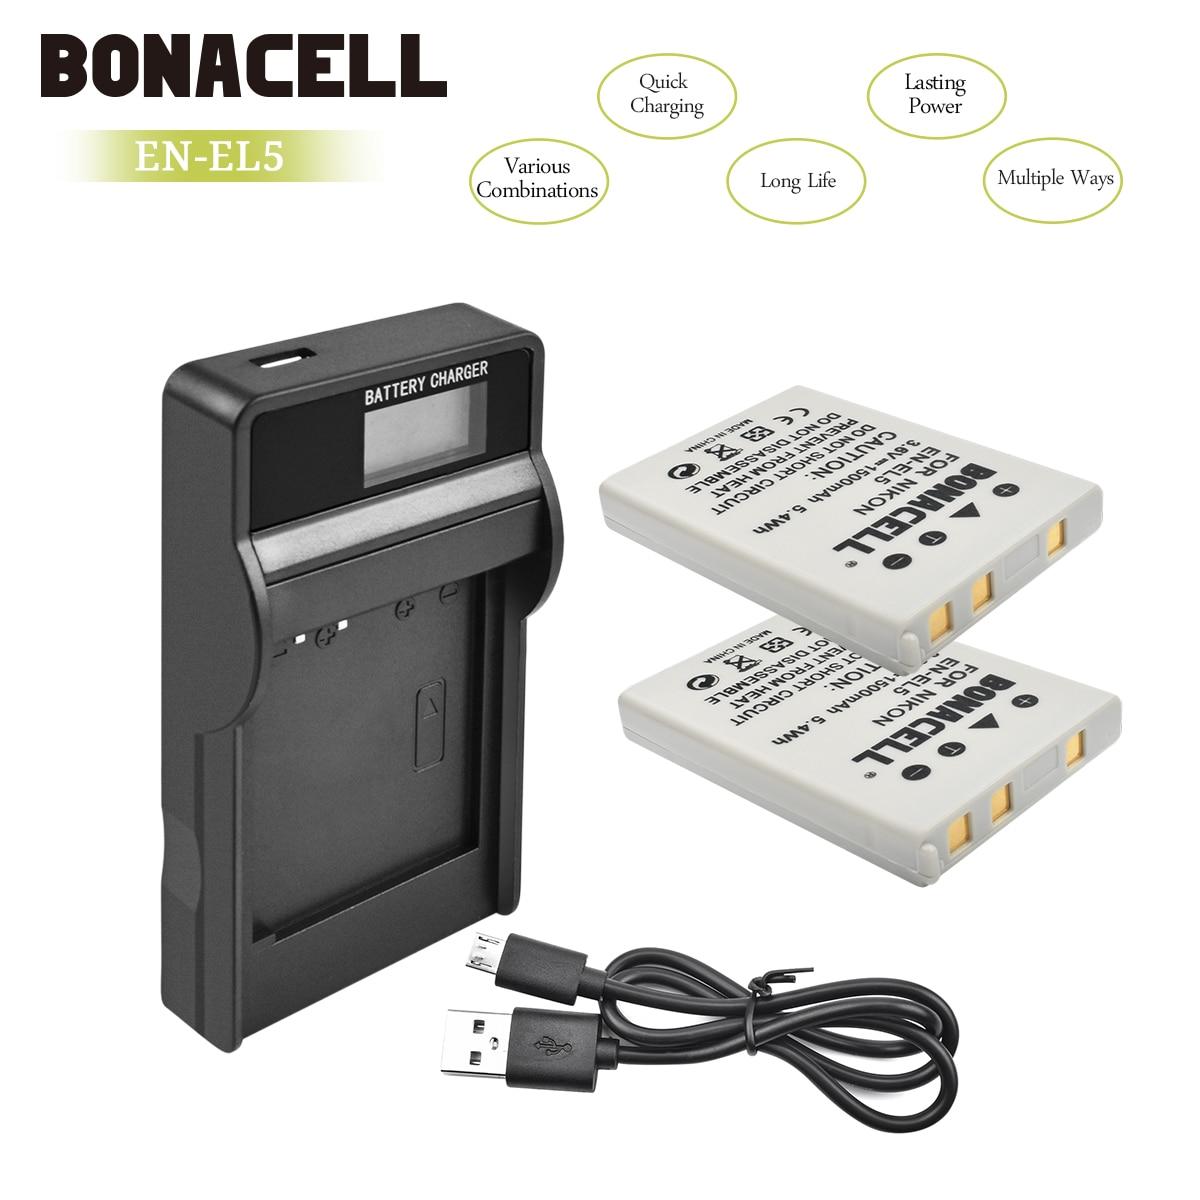 Bonacell 1500 mAh EN-EL5 Batterie pour Appareil Photo Numérique + Chargeur LCD pour Nikon Coolpix P4 P80 P90 P100 P500 P510 P520 P530 P5000 P5100 L10